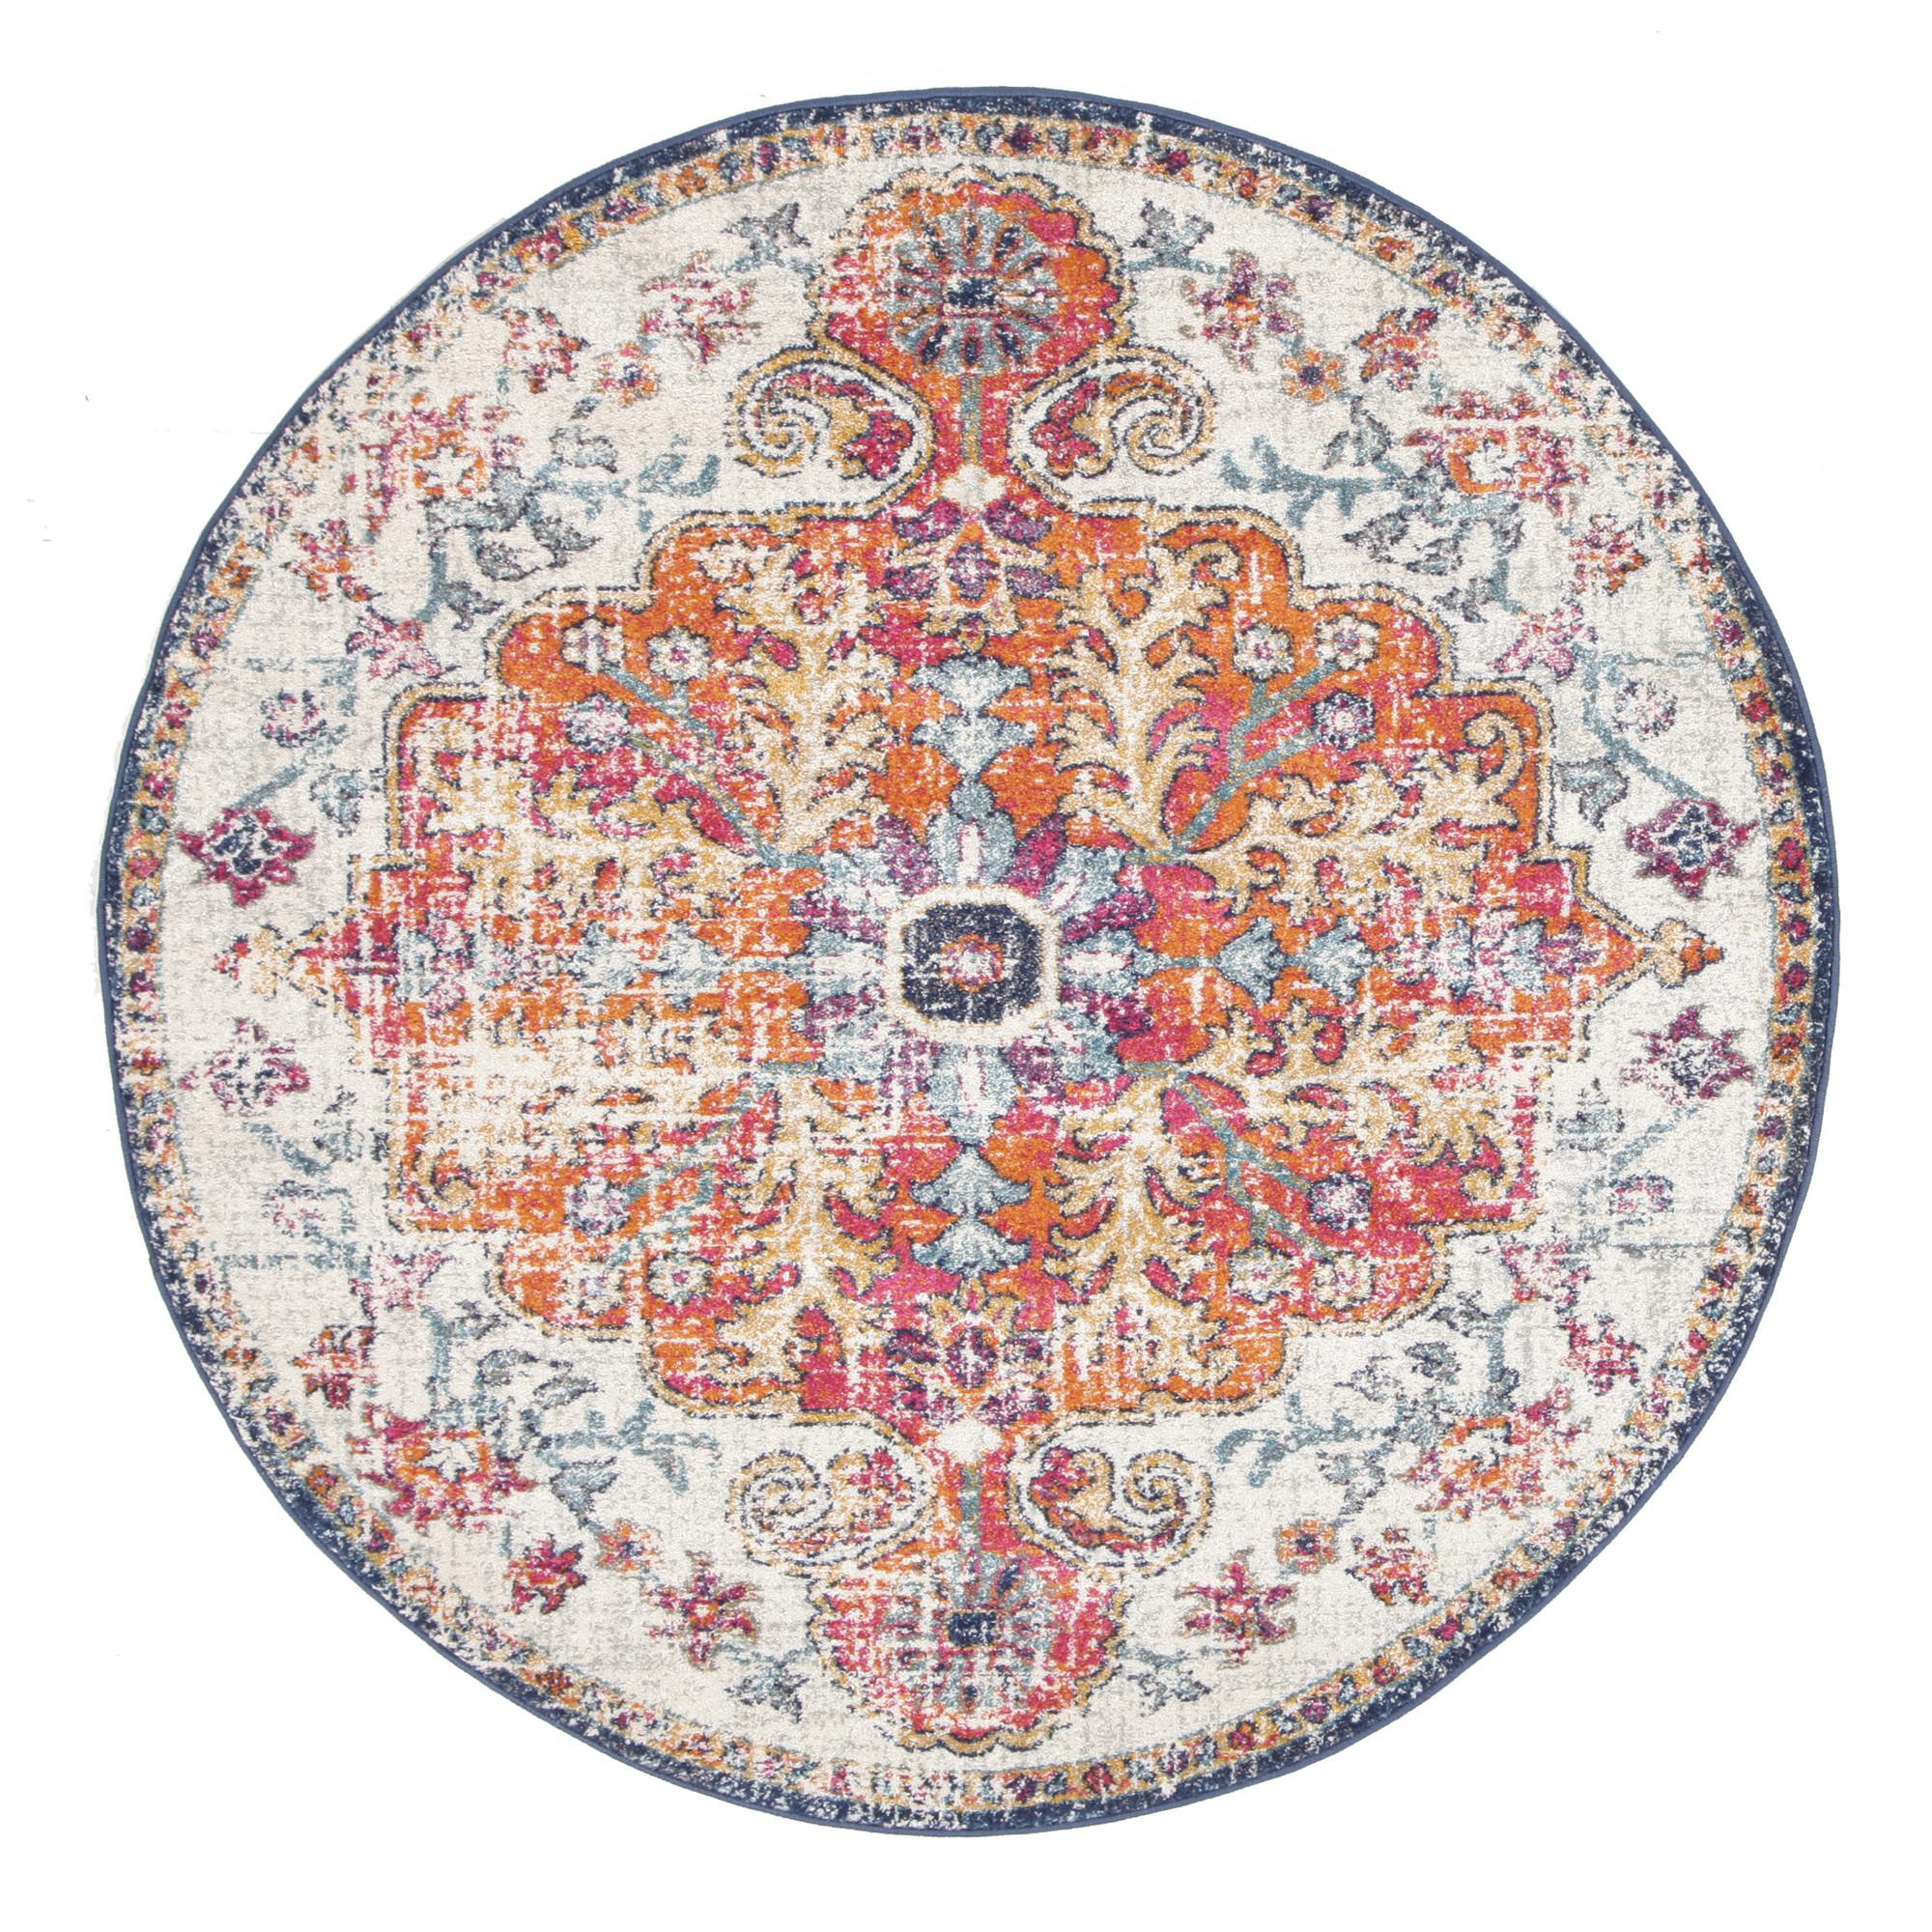 circular rugs bone, white u0026 round art moderne louvre rug FAOMGOK